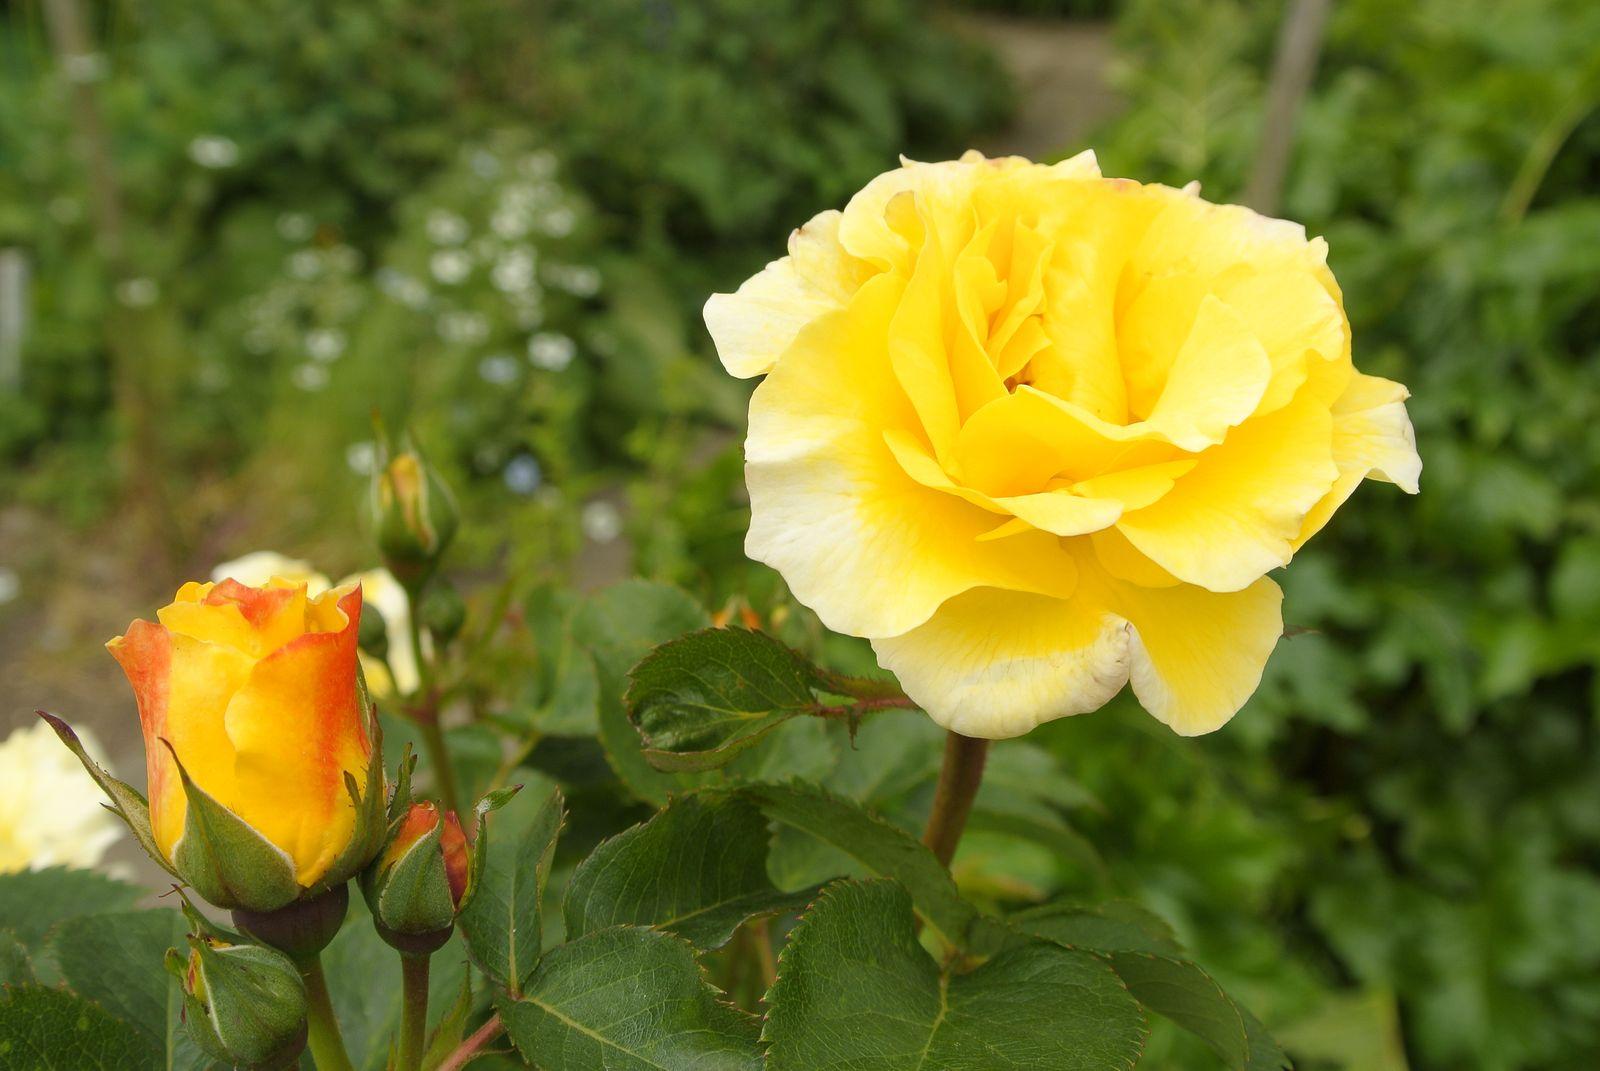 Berühmt Gelbe Rosen: Die 10 schönsten Sorten für Ihren Garten - Plantura @FD_36